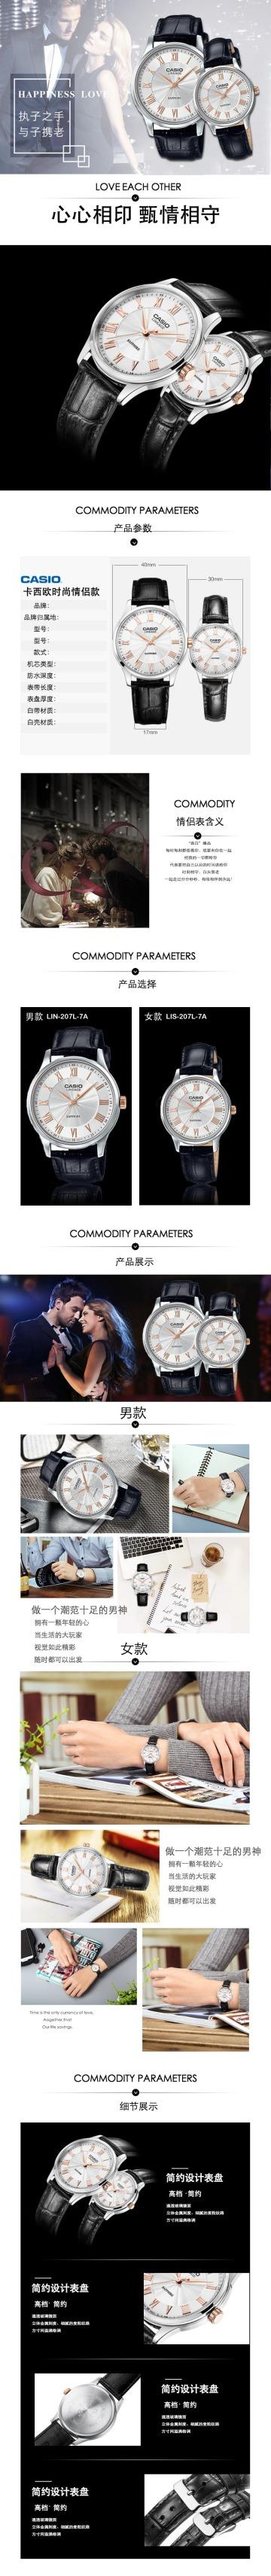 简约浪漫时尚手表电商详情图